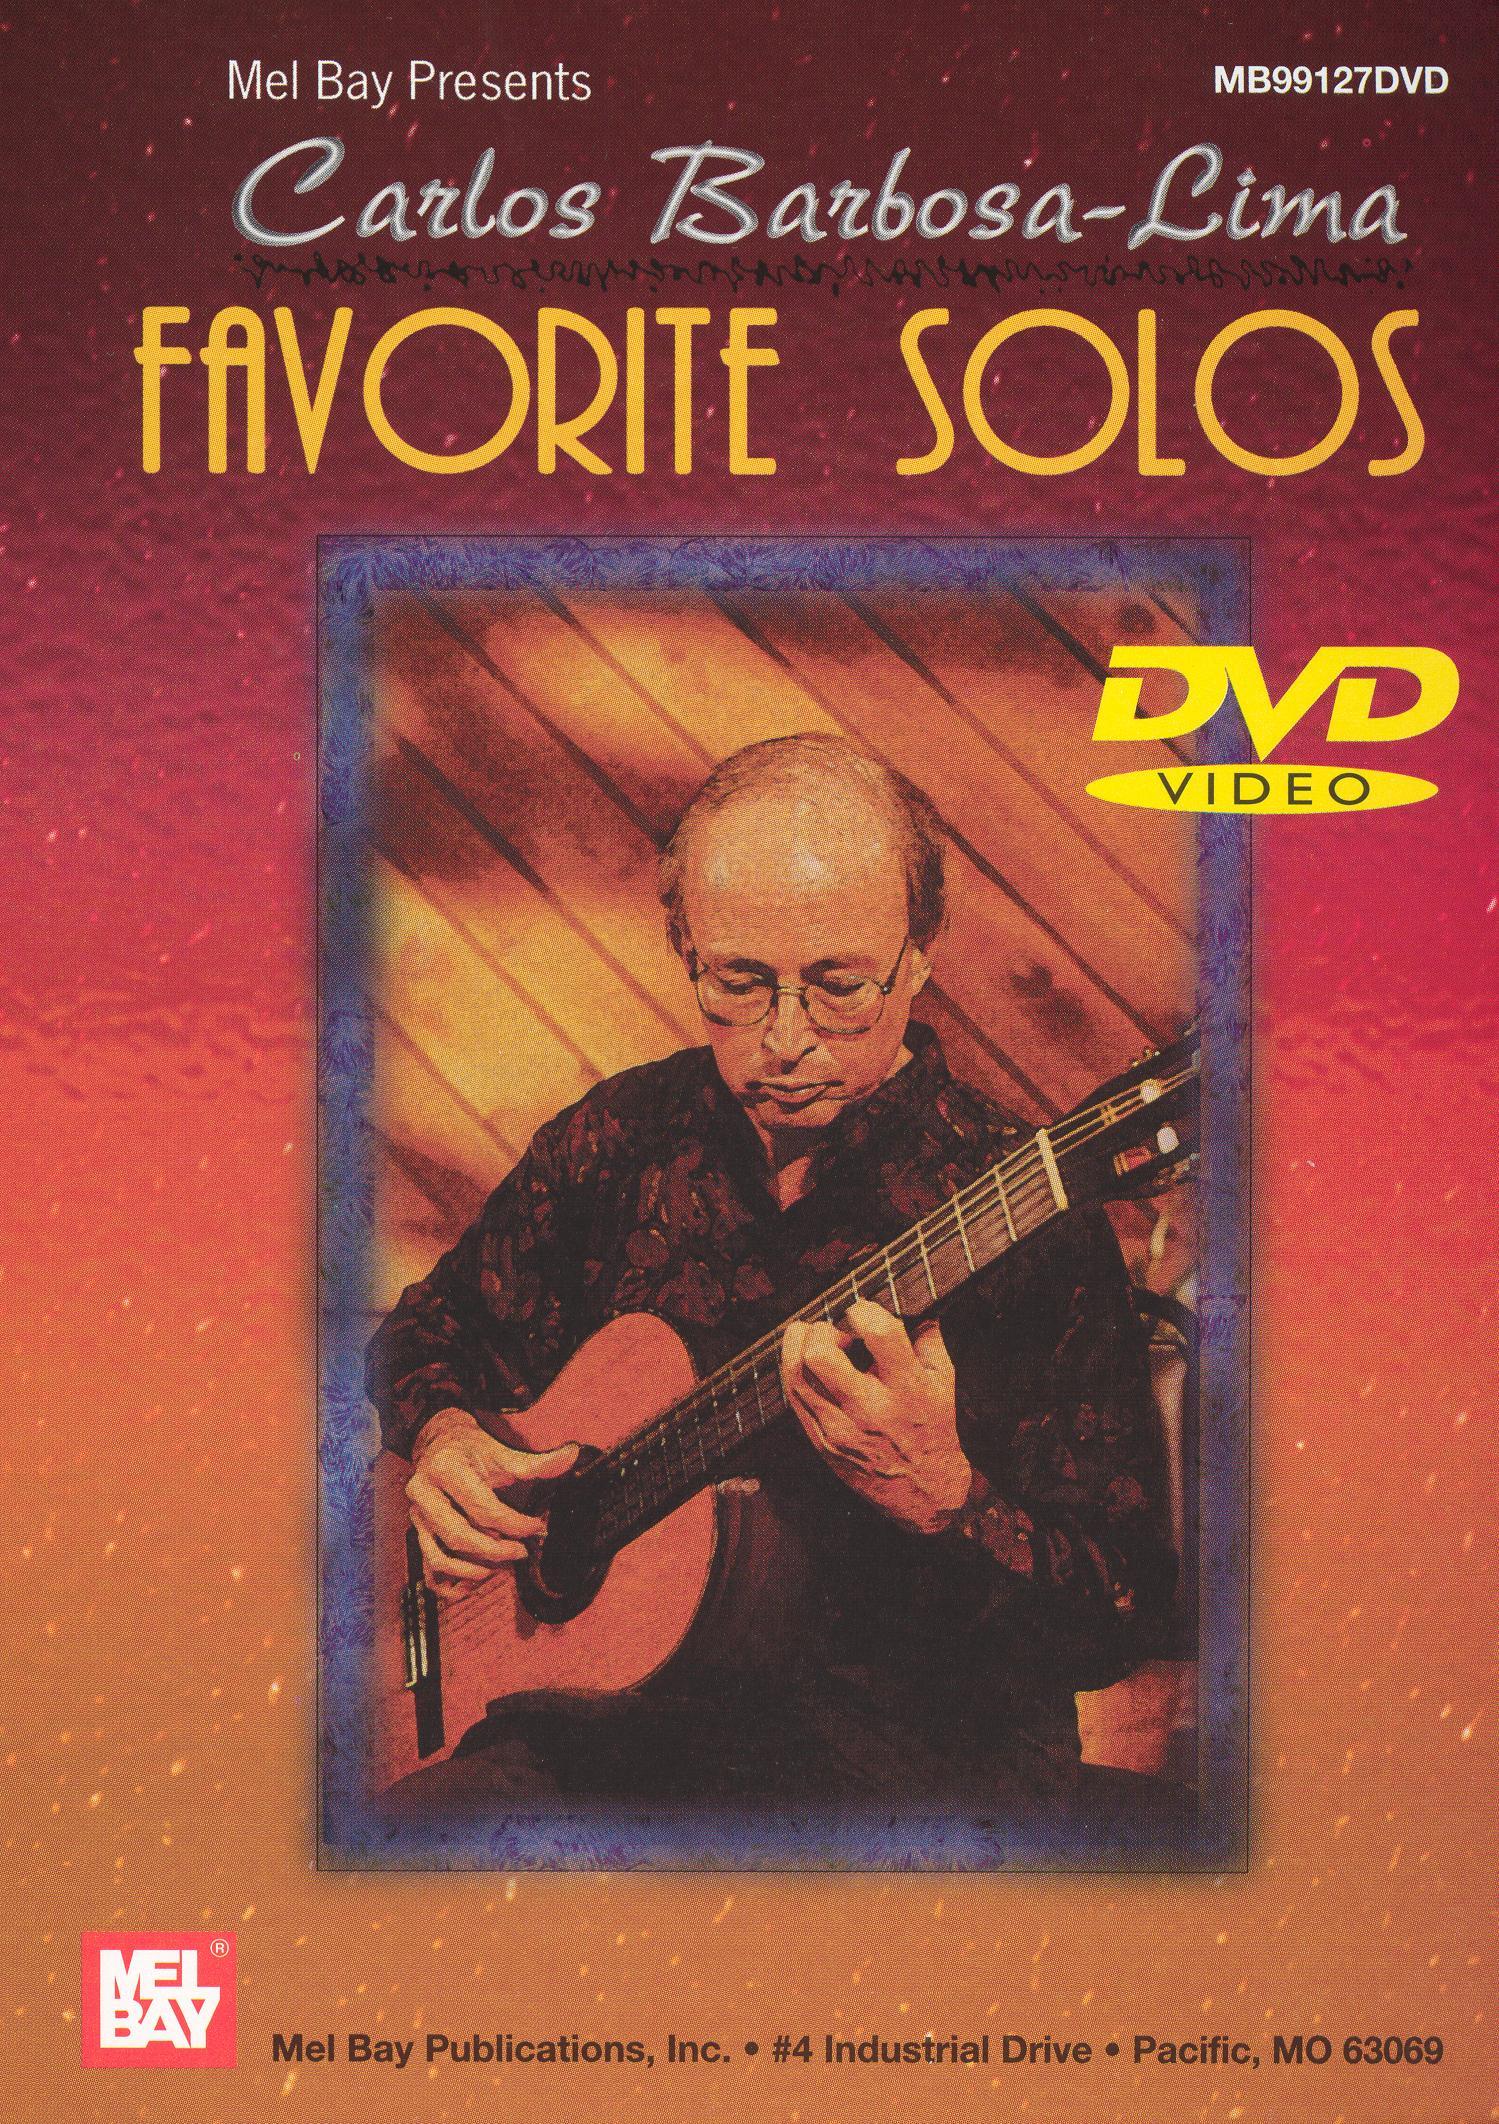 Carlos Barbosa-Lima: Favorite Solos